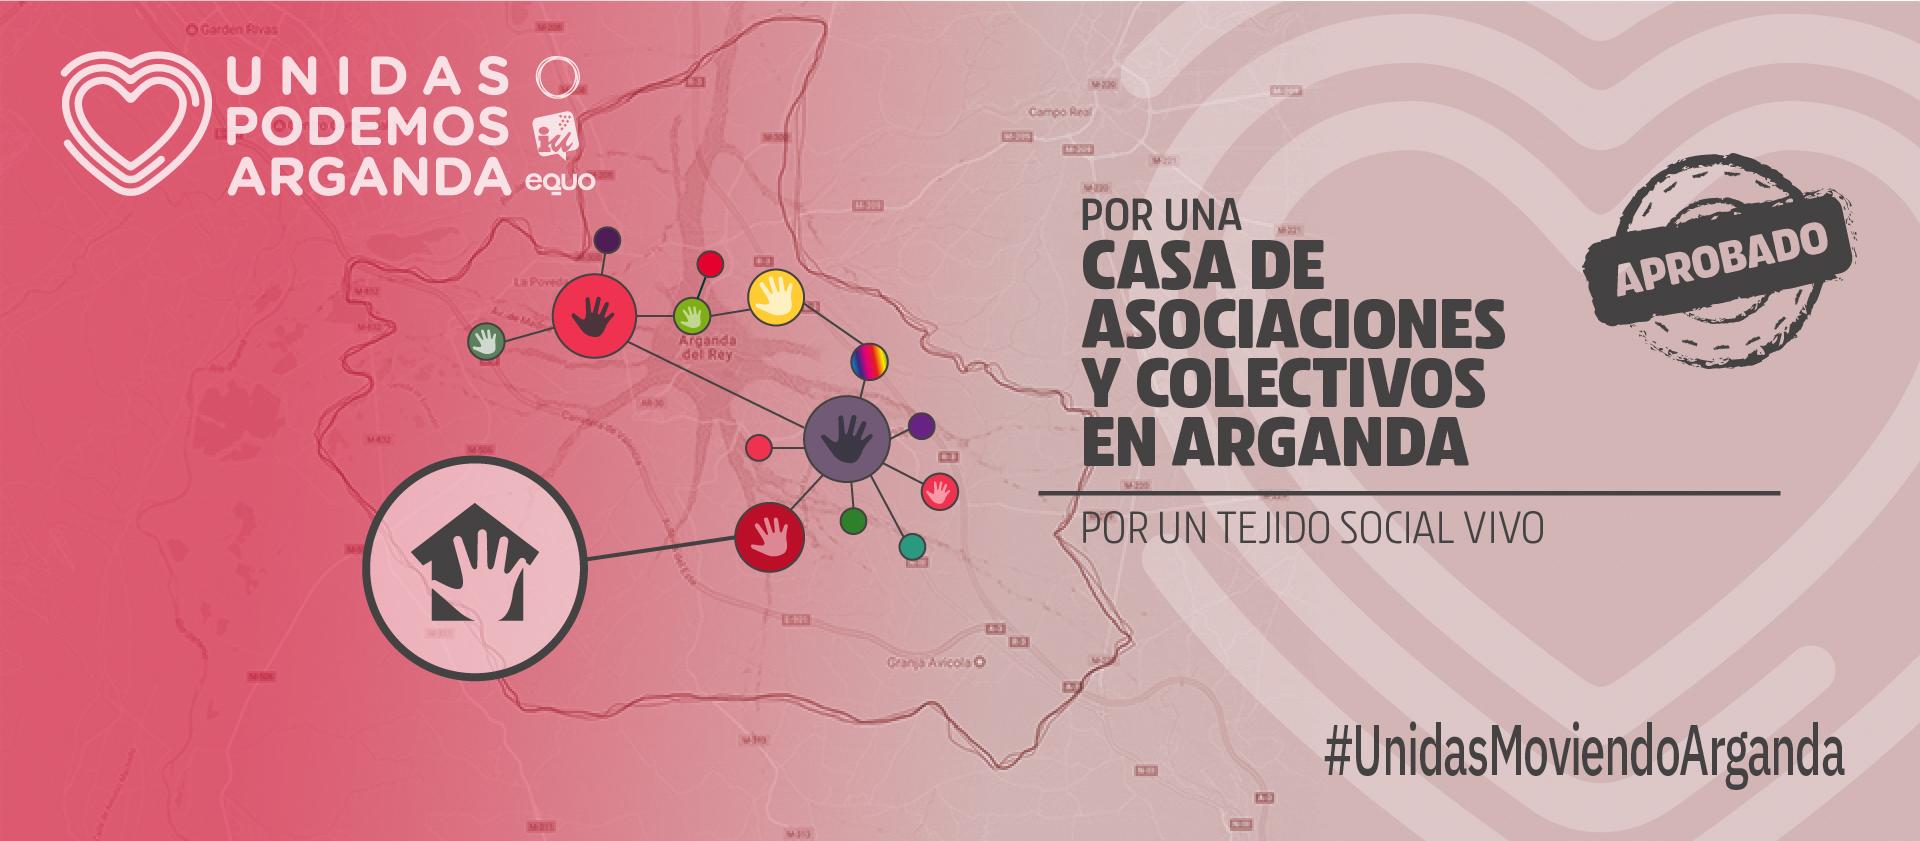 Unidas Podemos Arganda por una Casa de las Asociaciones